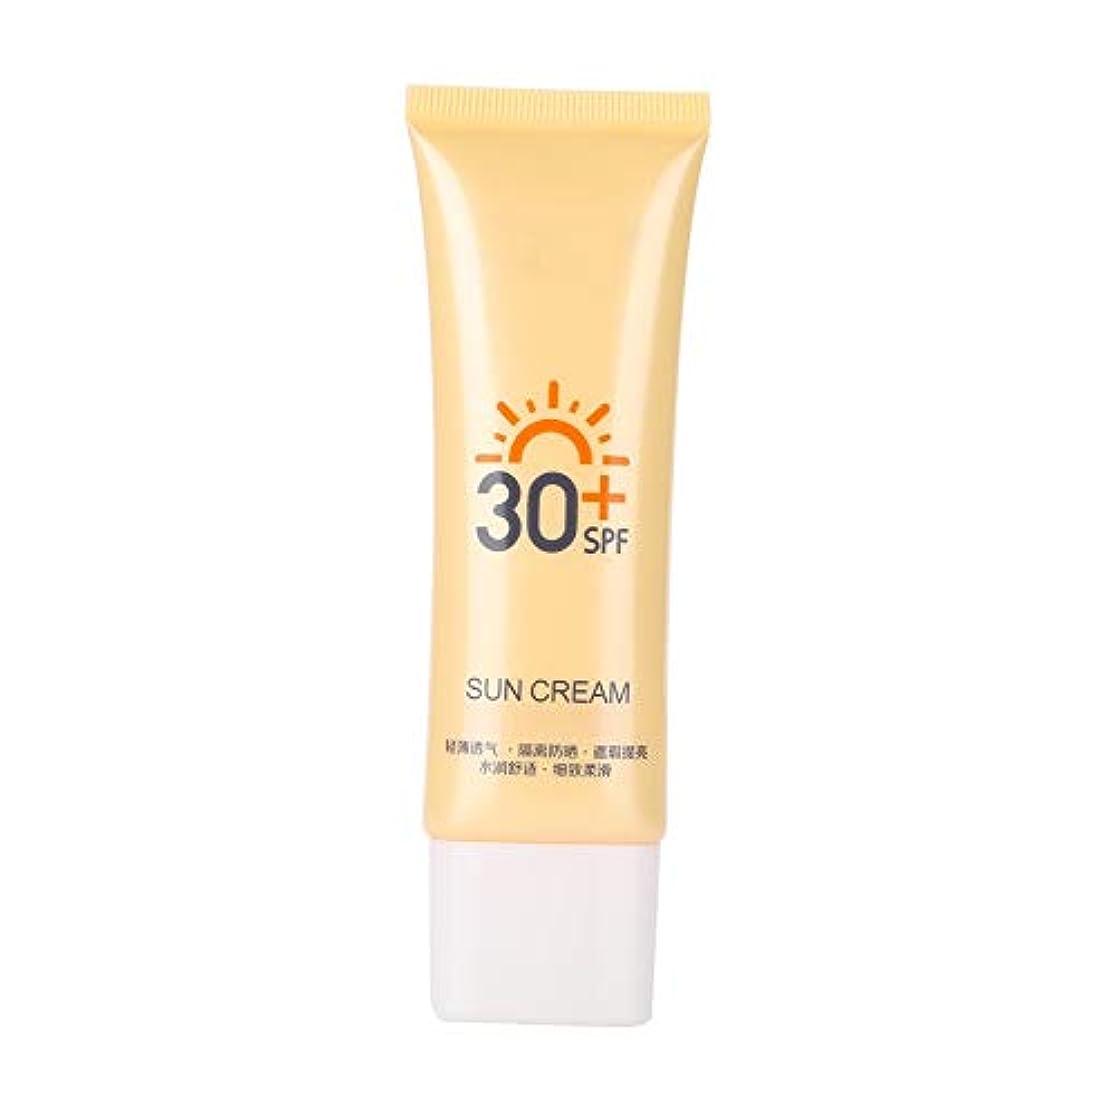 著名な解釈的降伏Semme日焼け止めクリーム、日焼け止めクリーム40グラム日焼け止めクリームSPF30 + uv日焼け止めブライトニング防水クリーム